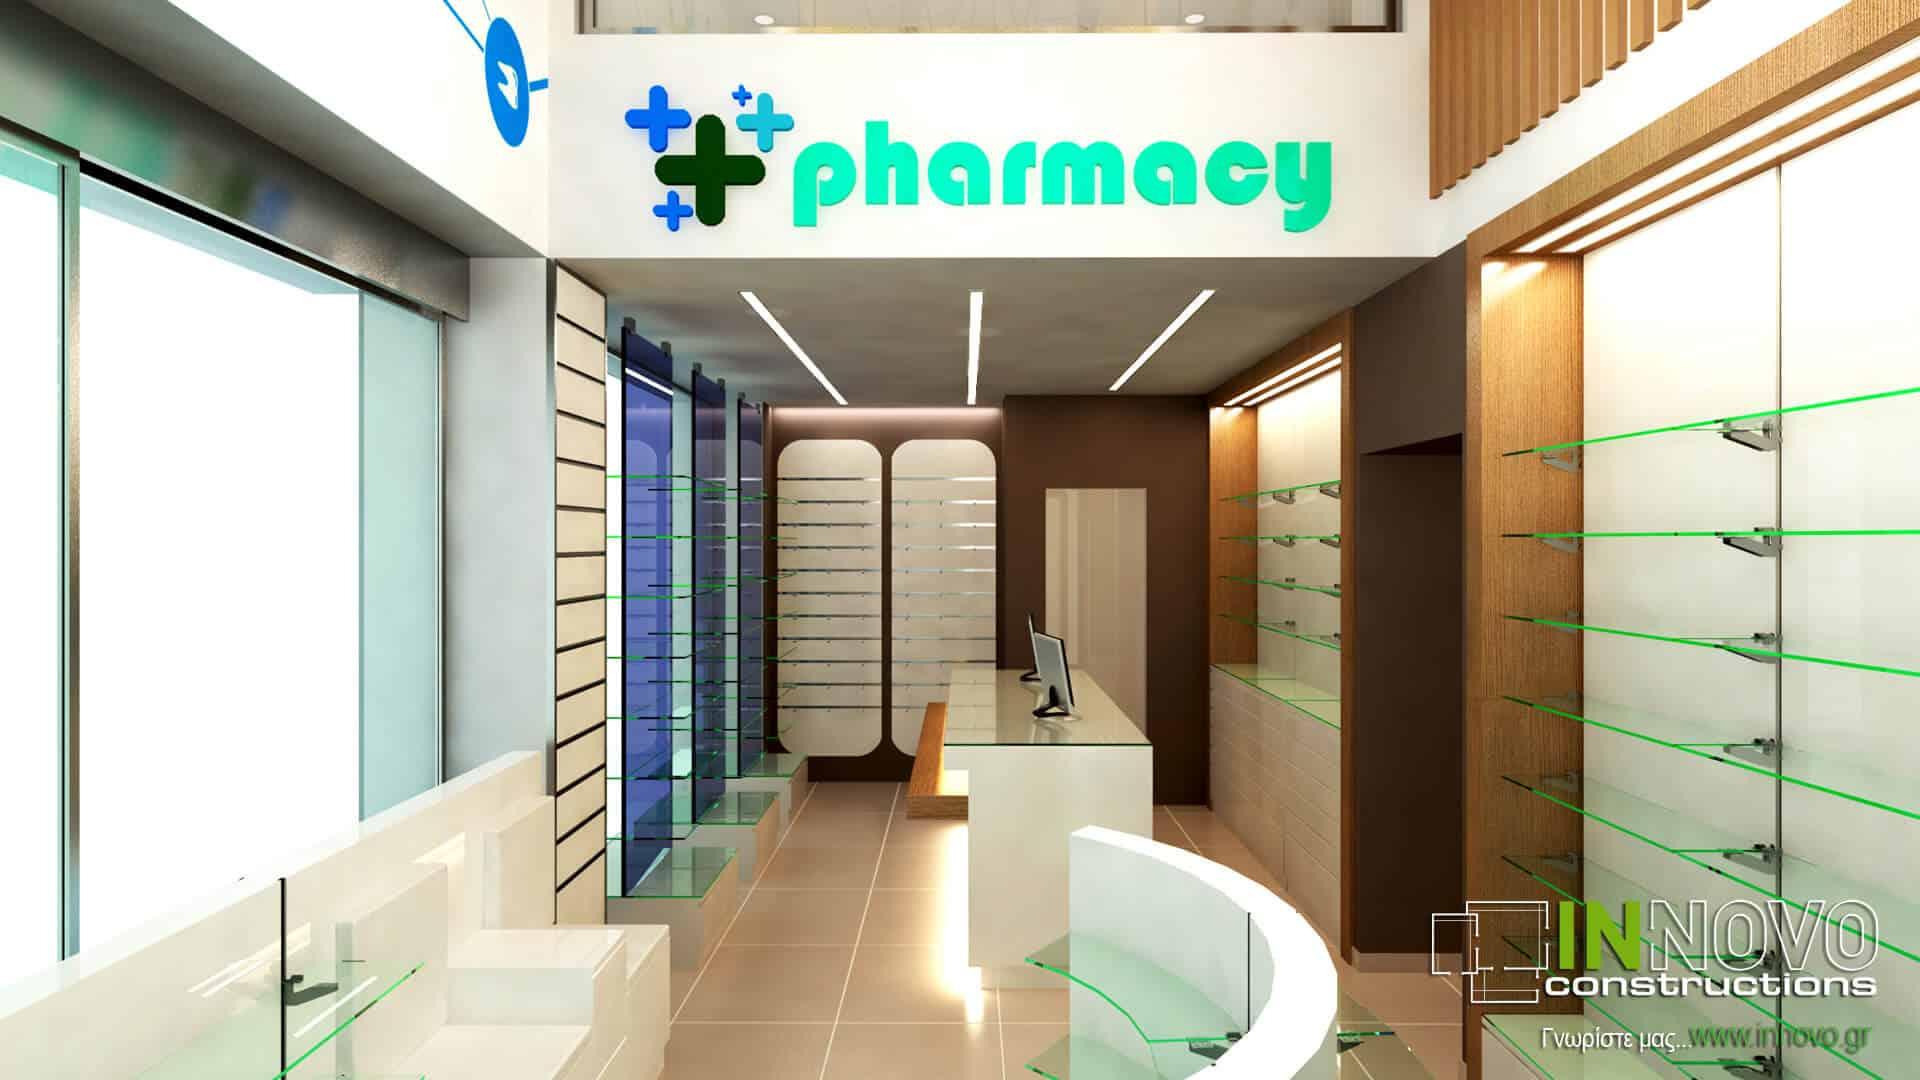 Σχεδιασμός κατασκευής φαρμακείου στο Αιγάλεω